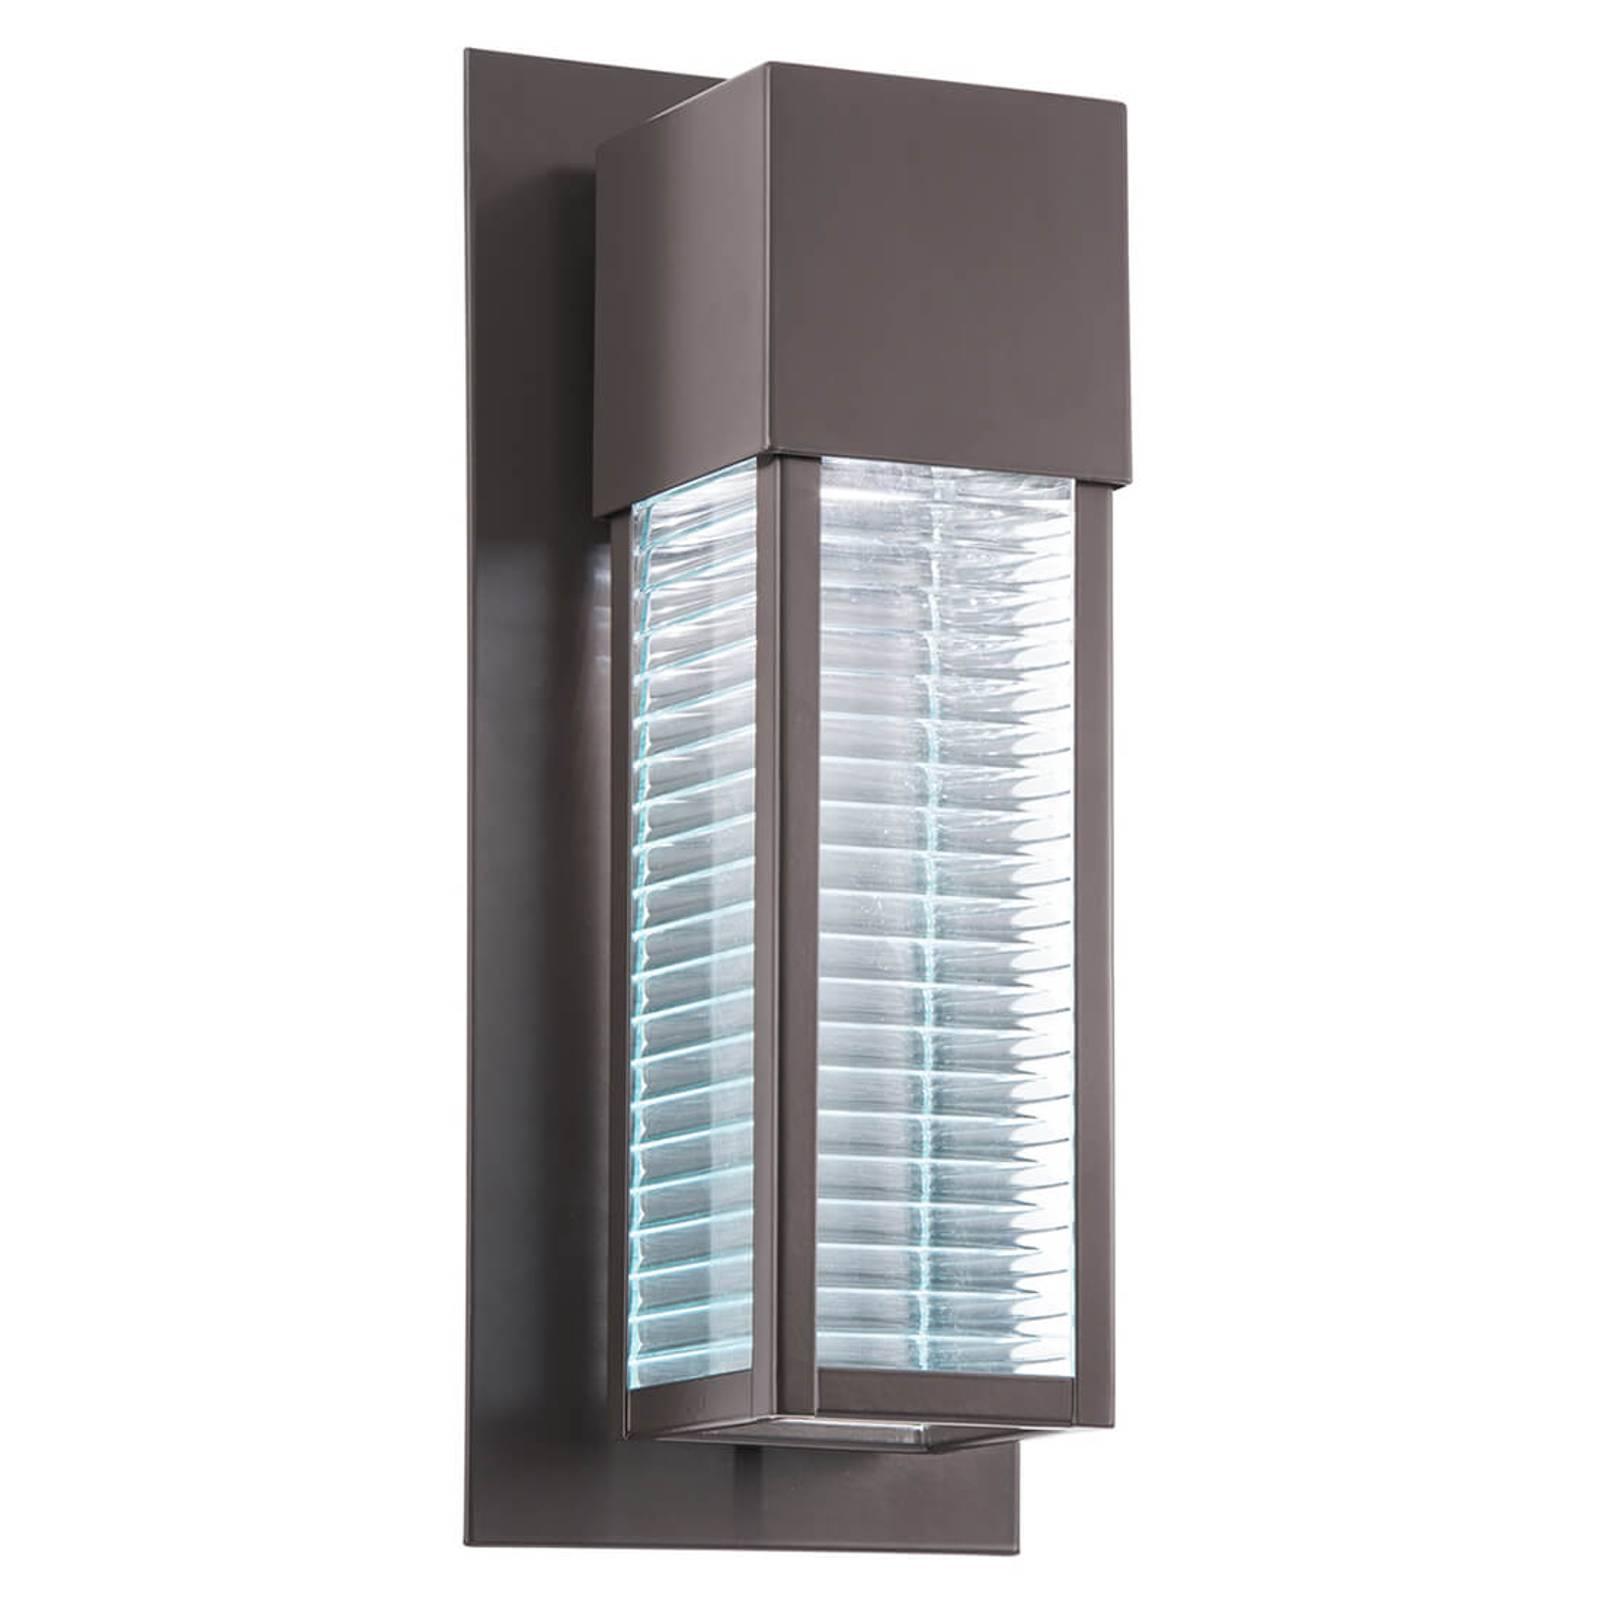 Topmoderne LED-Wandleuchte Sorel für außen